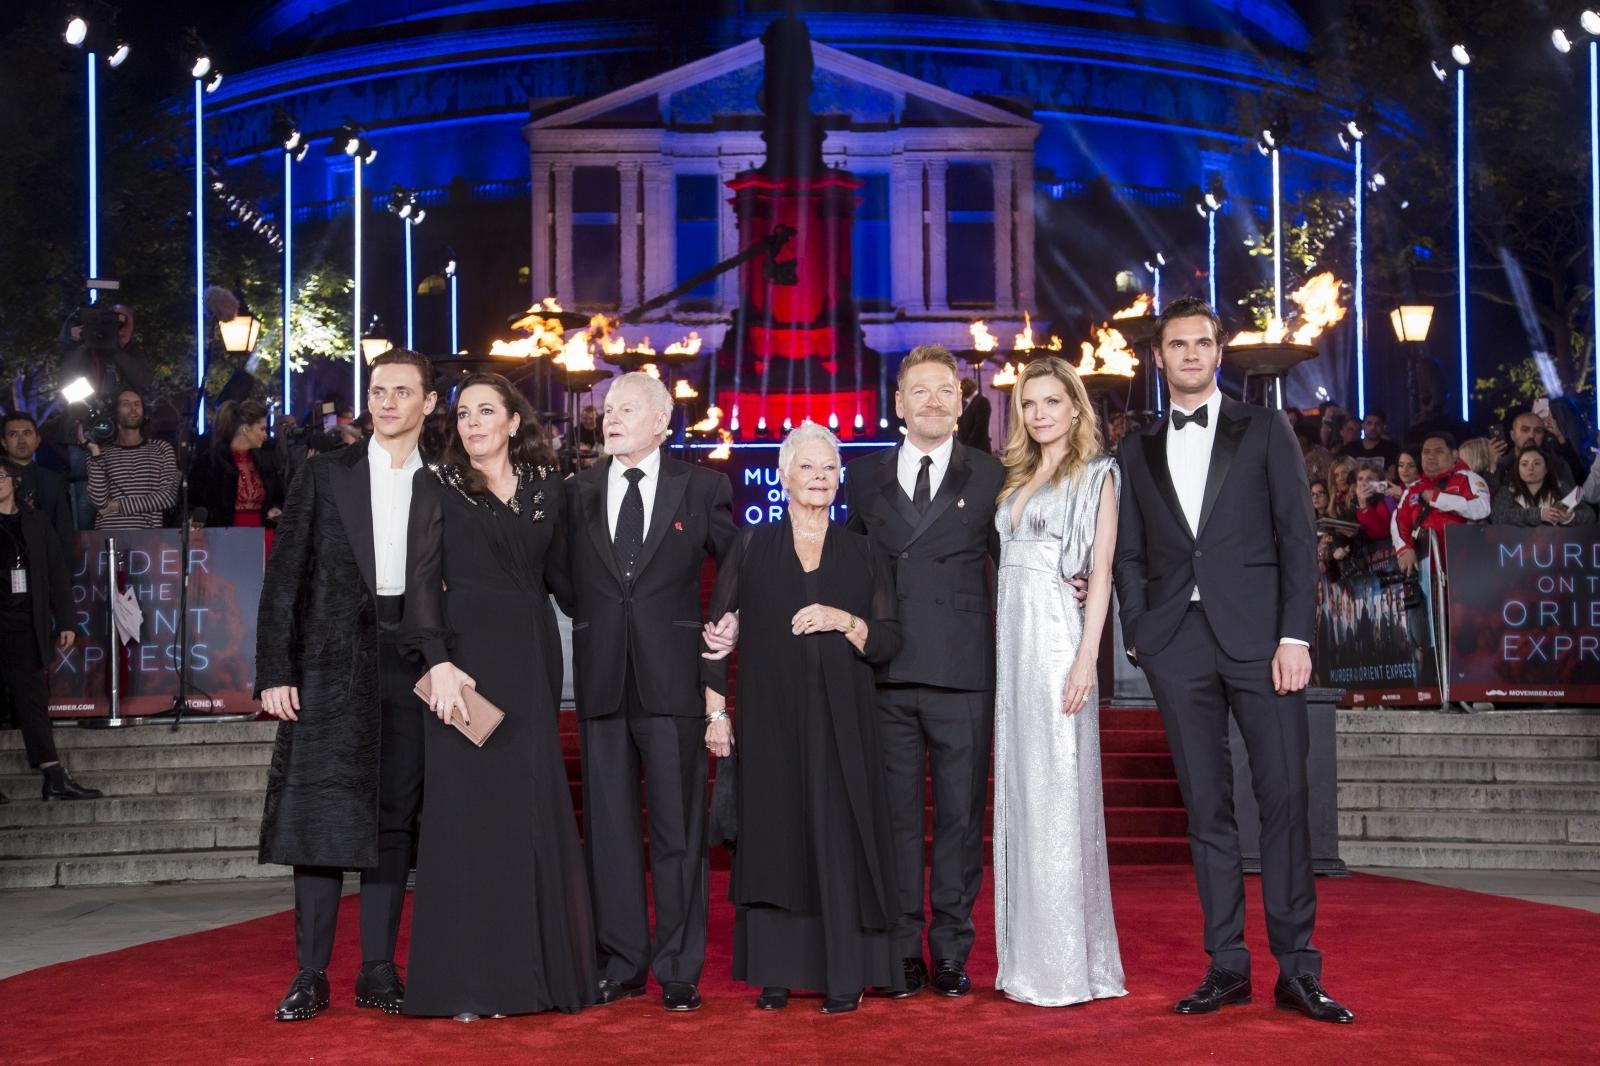 左から、セルゲイ・ポルーニン、オリヴィア・コールマン、デレク・ジャコビ、ジュディ・デンチ、 ケネス・ブラナー、ミシェル・ファイファー、トム・ベイトマン